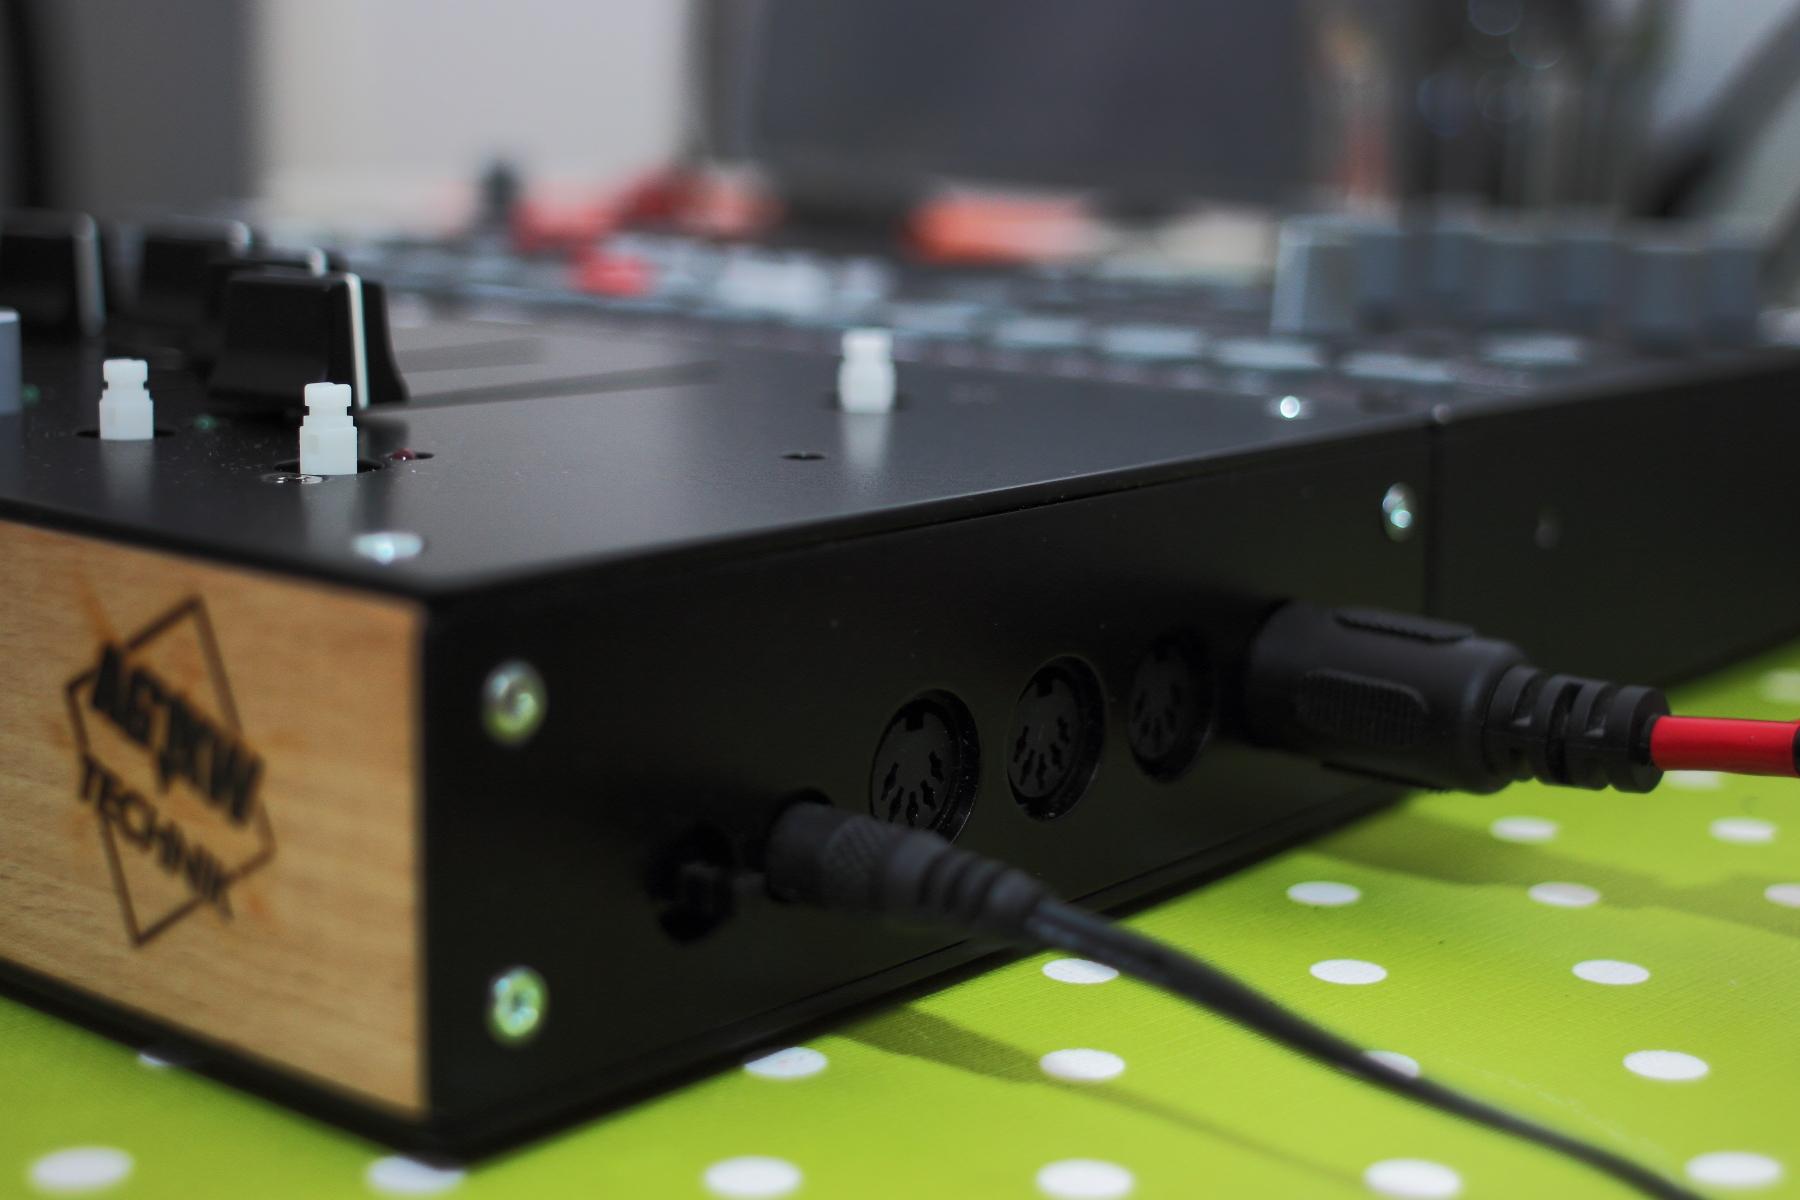 OKTAKONTROL prototype